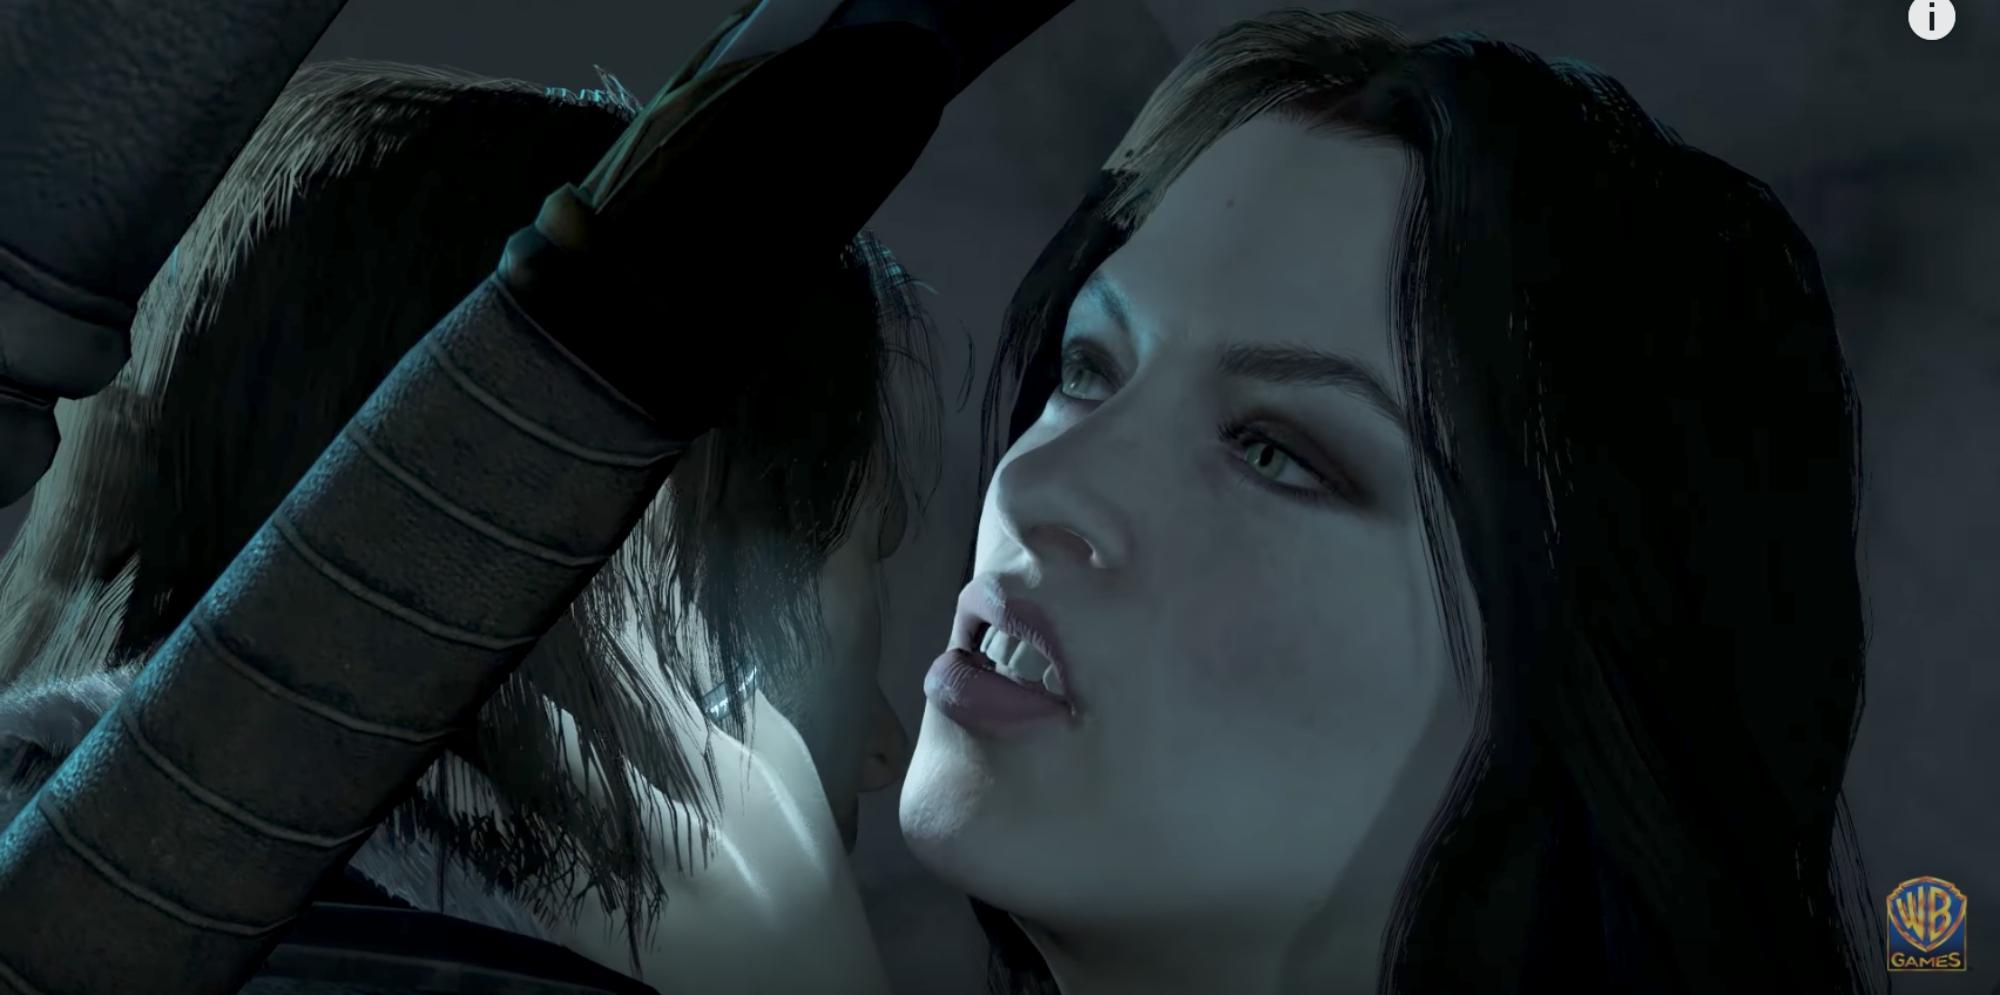 Imagem de Sombras da Guerra ganha mais um trailer épico mostrando vilão emblemático no tecmundogames